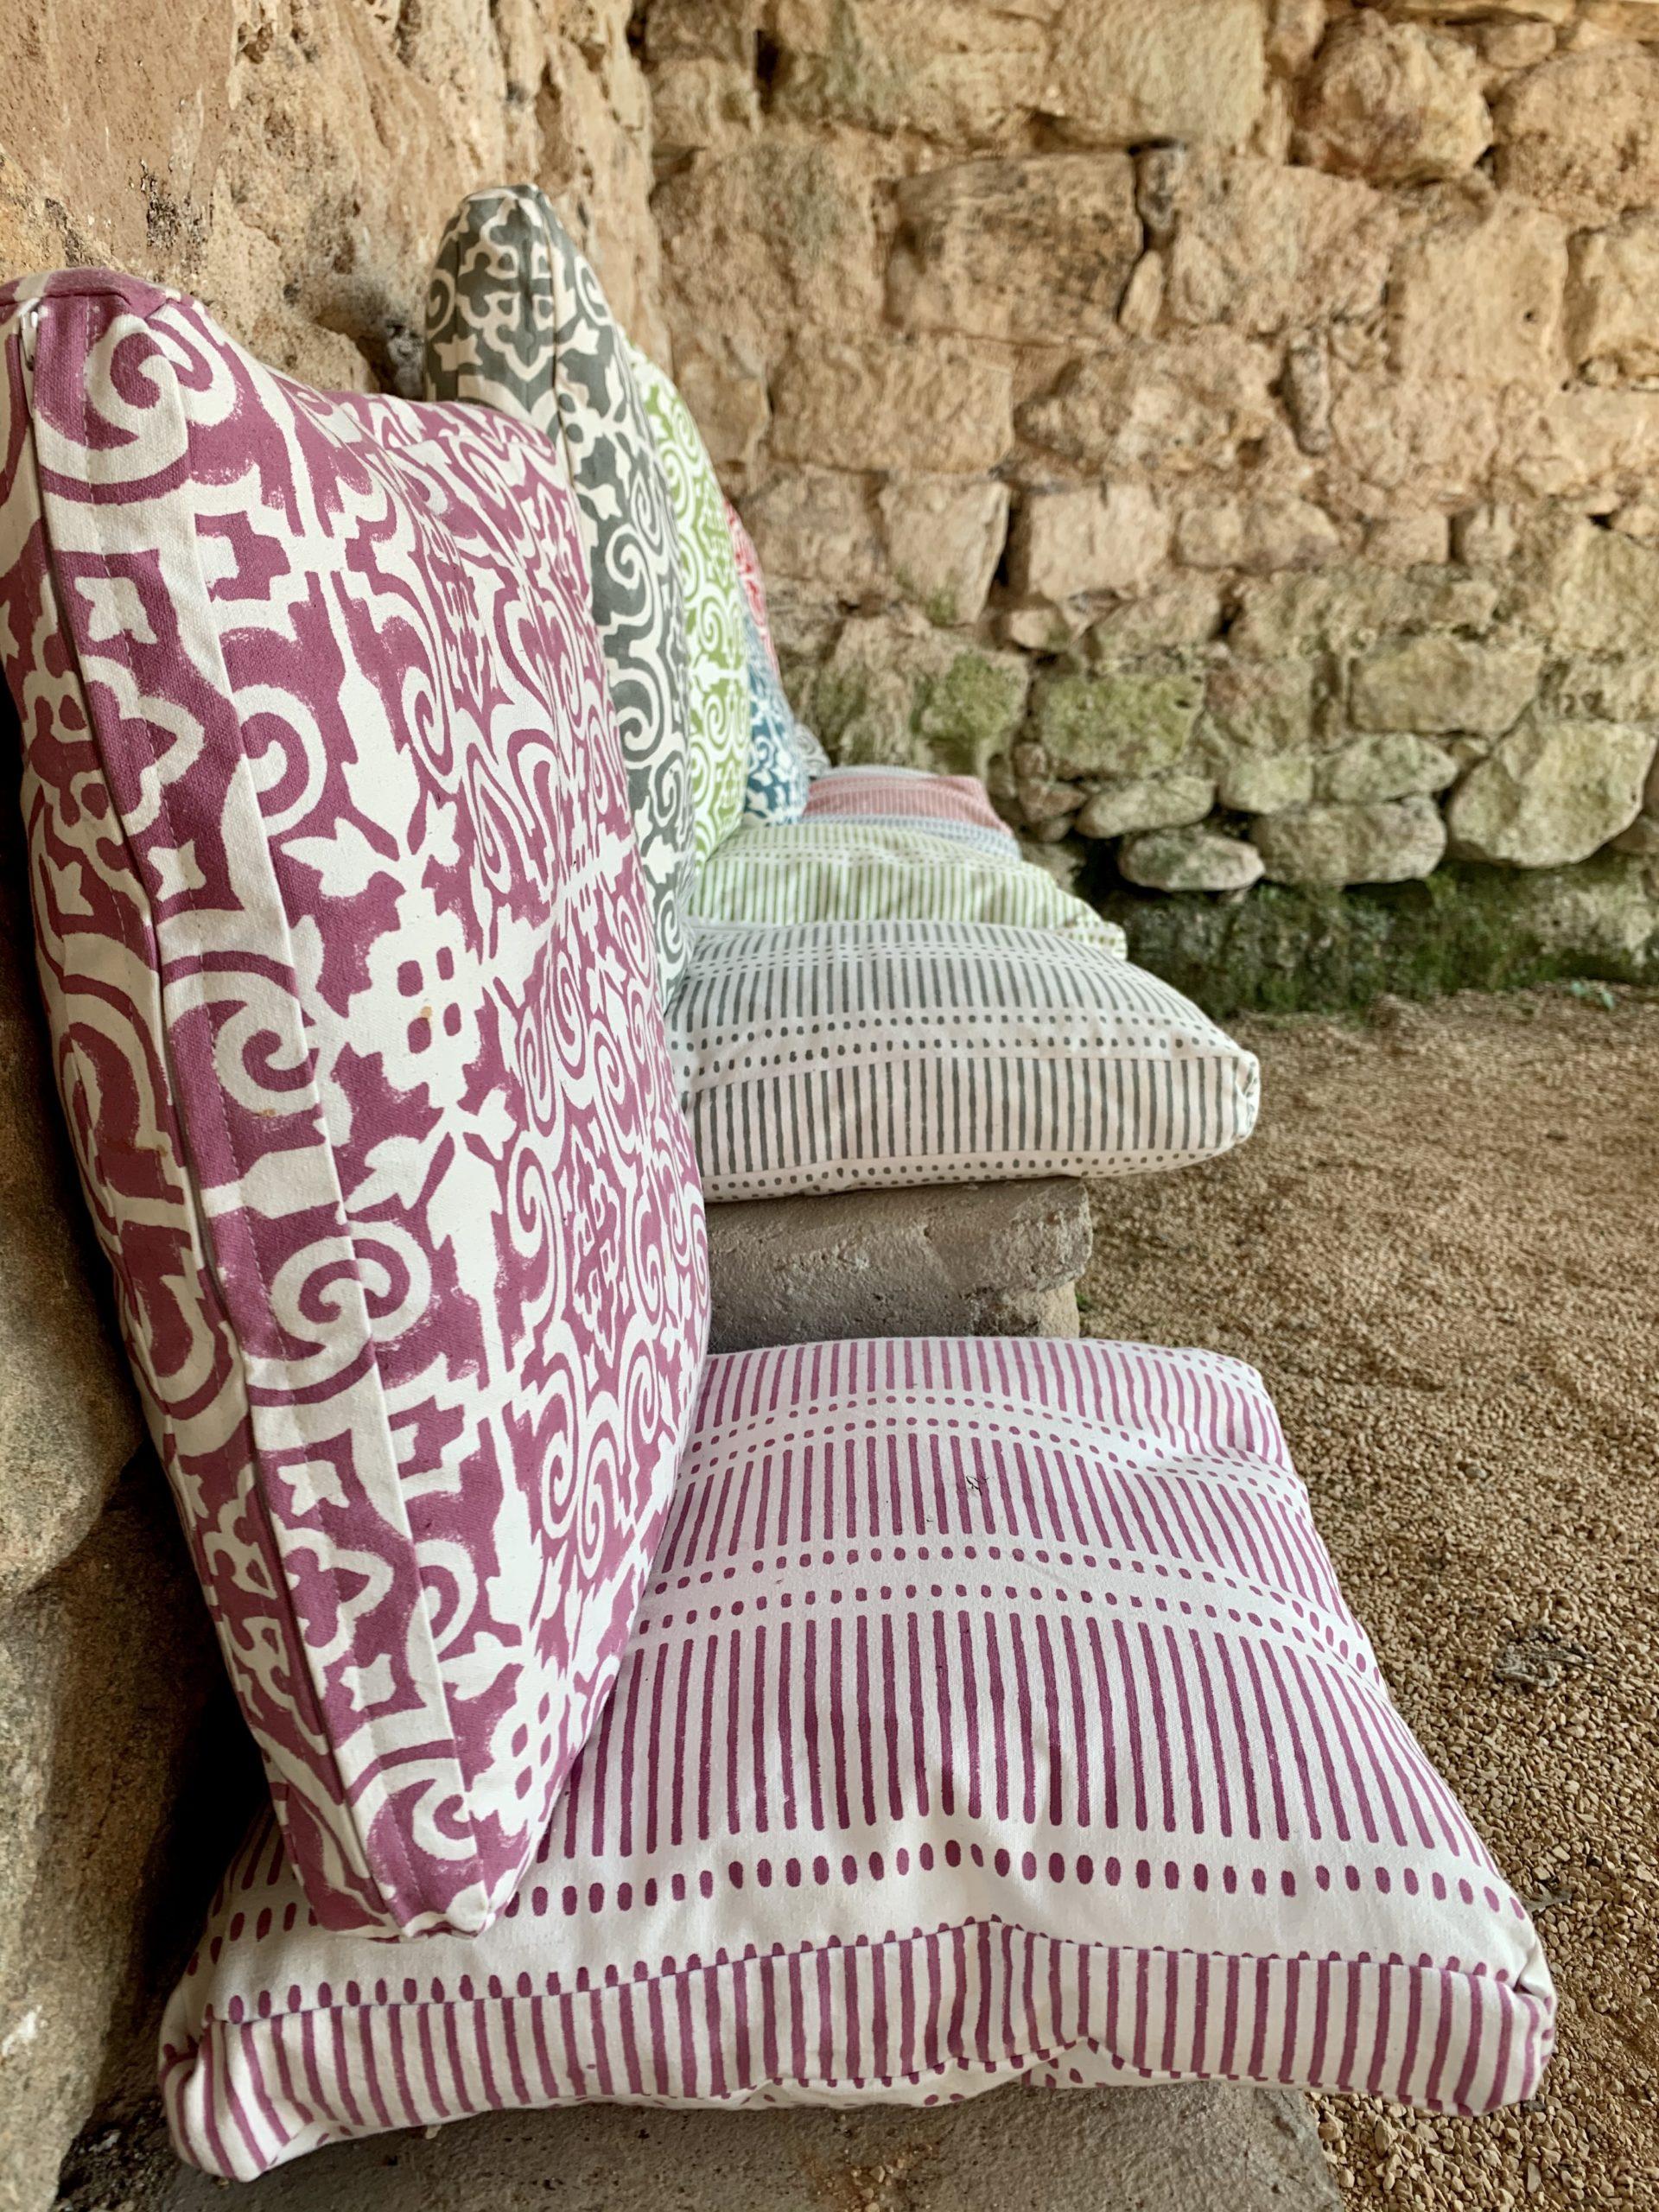 Beaux Songes - Chambres et table d'hôte en Ardèche. Largentière, Vogue, Vallon Pont d'Arc, Balazuc